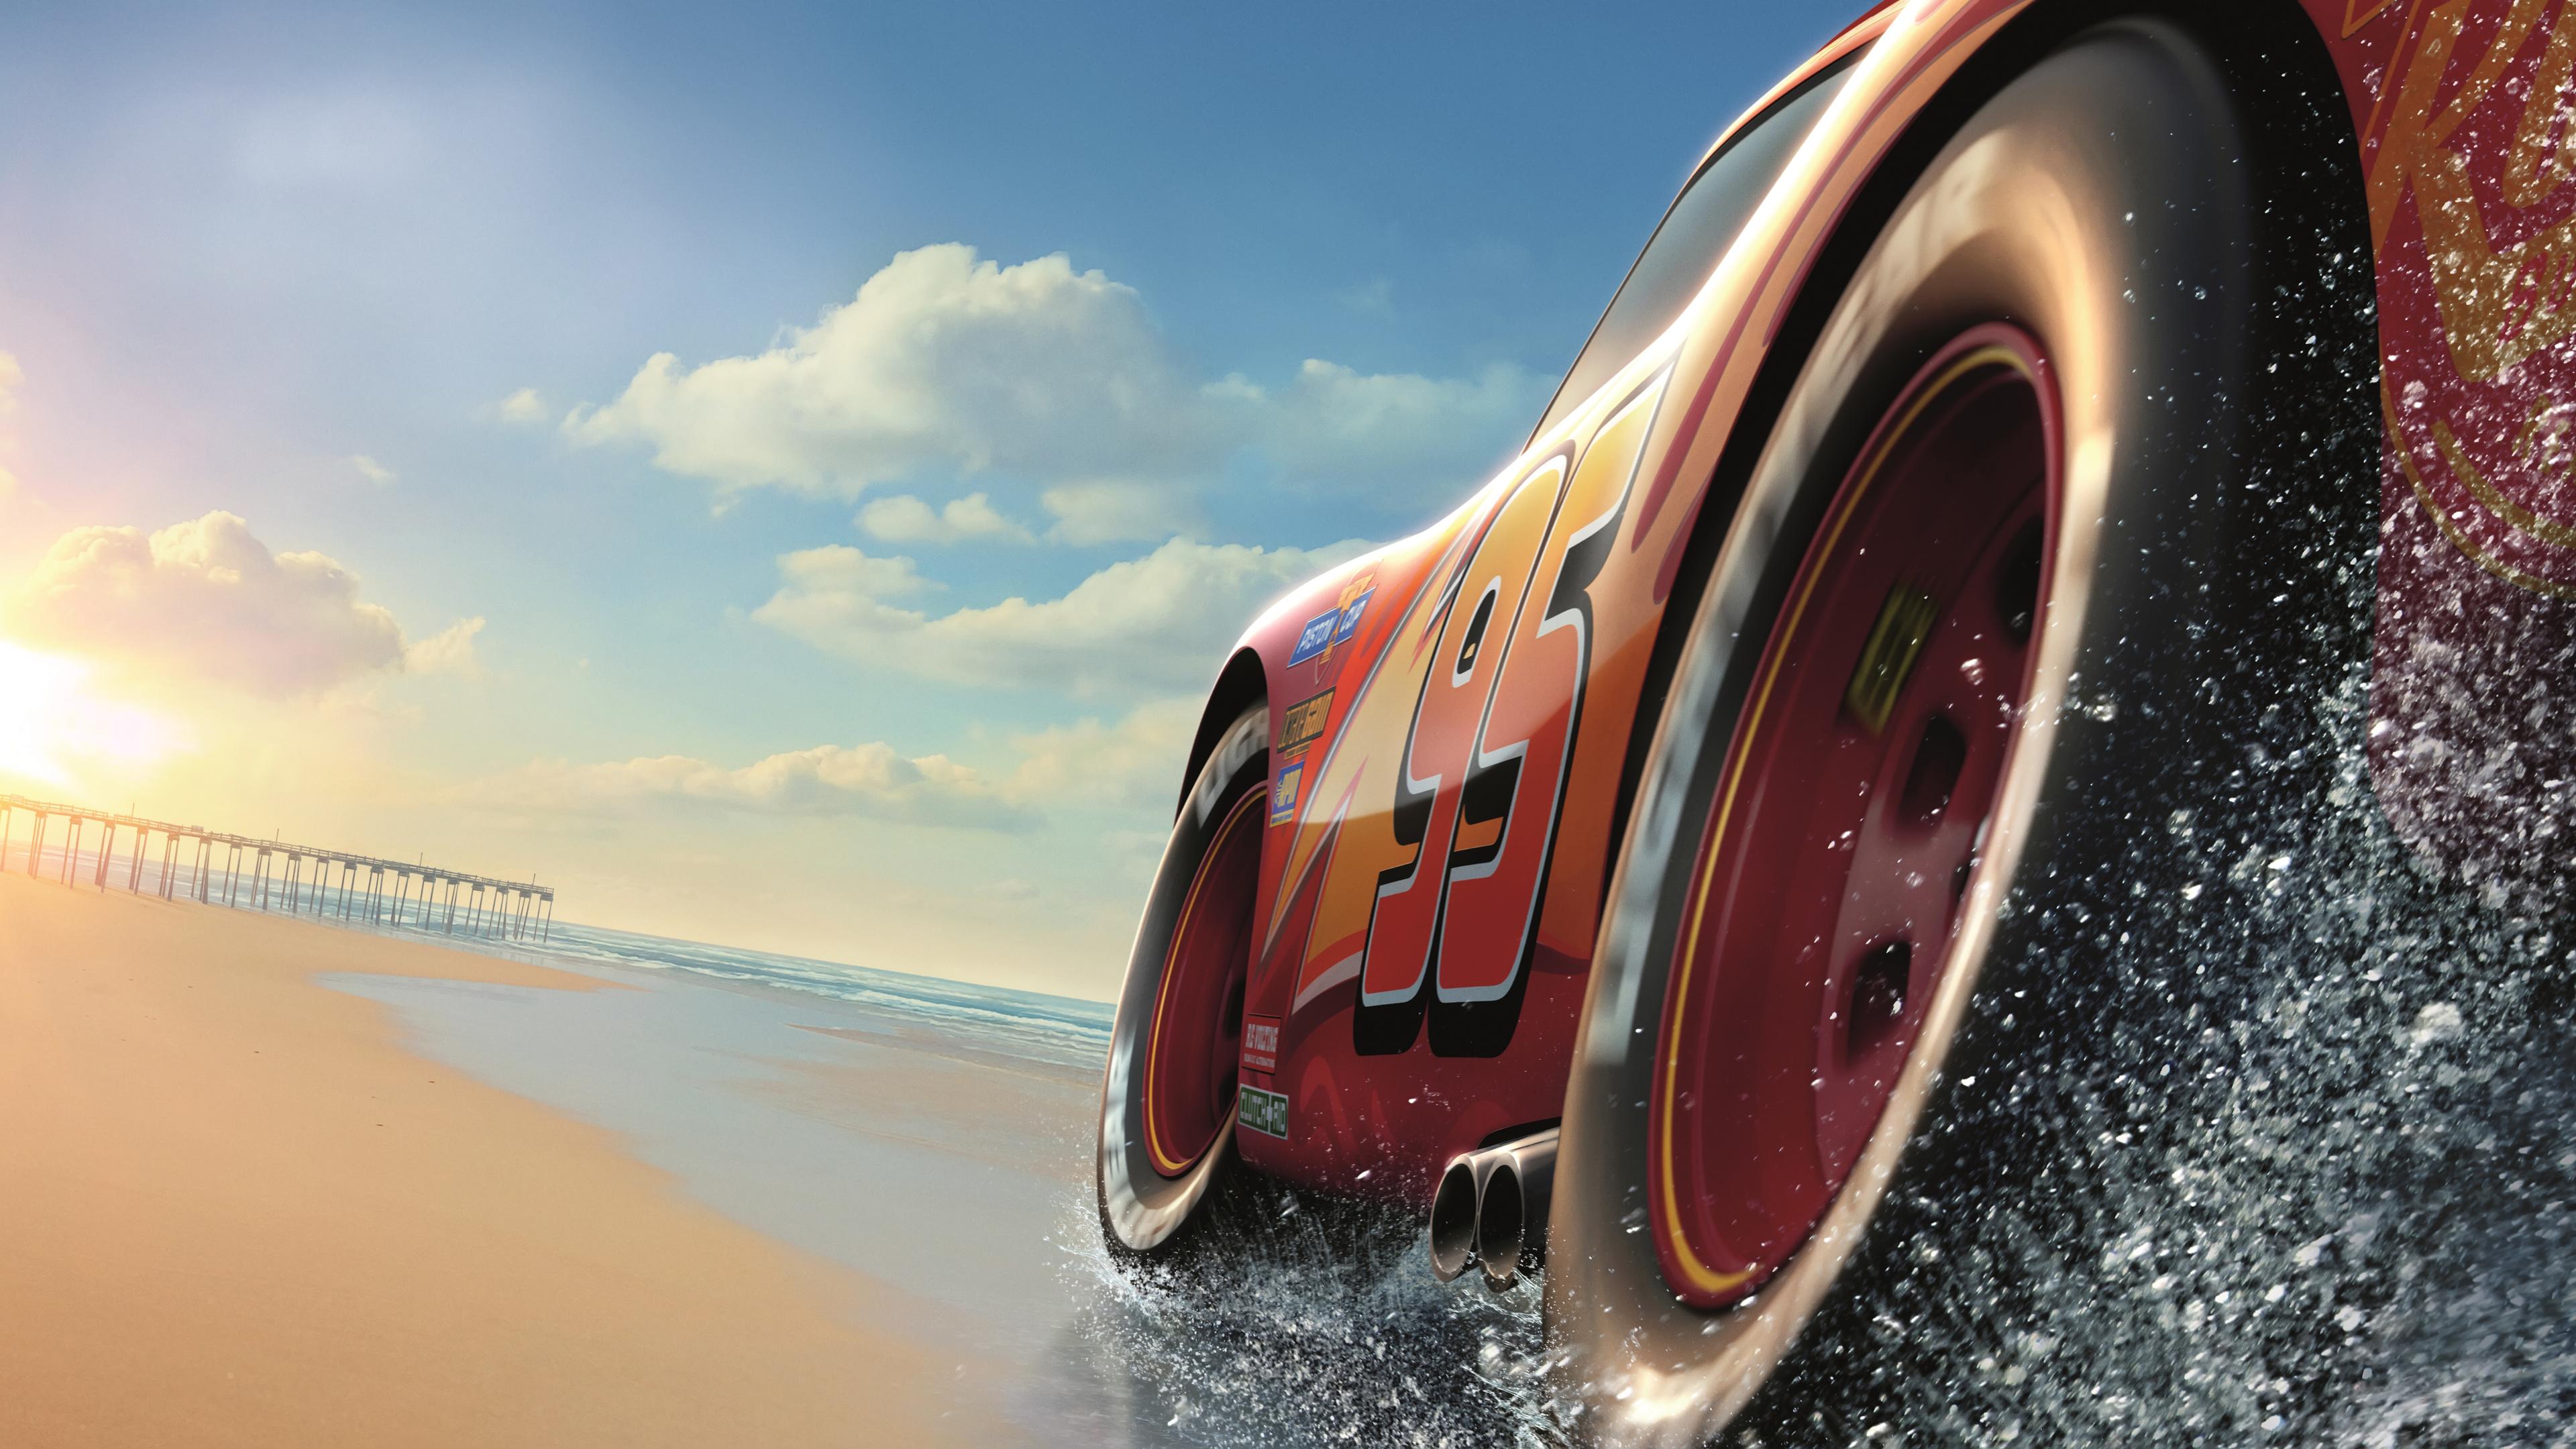 cars 3 8k disney movie 1536401767 - Cars 3 8k Disney Movie - pixar wallpapers, hd-wallpapers, cars 3 wallpapers, animated movies wallpapers, 8k wallpapers, 5k wallpapers, 4k-wallpapers, 2017 movies wallpapers